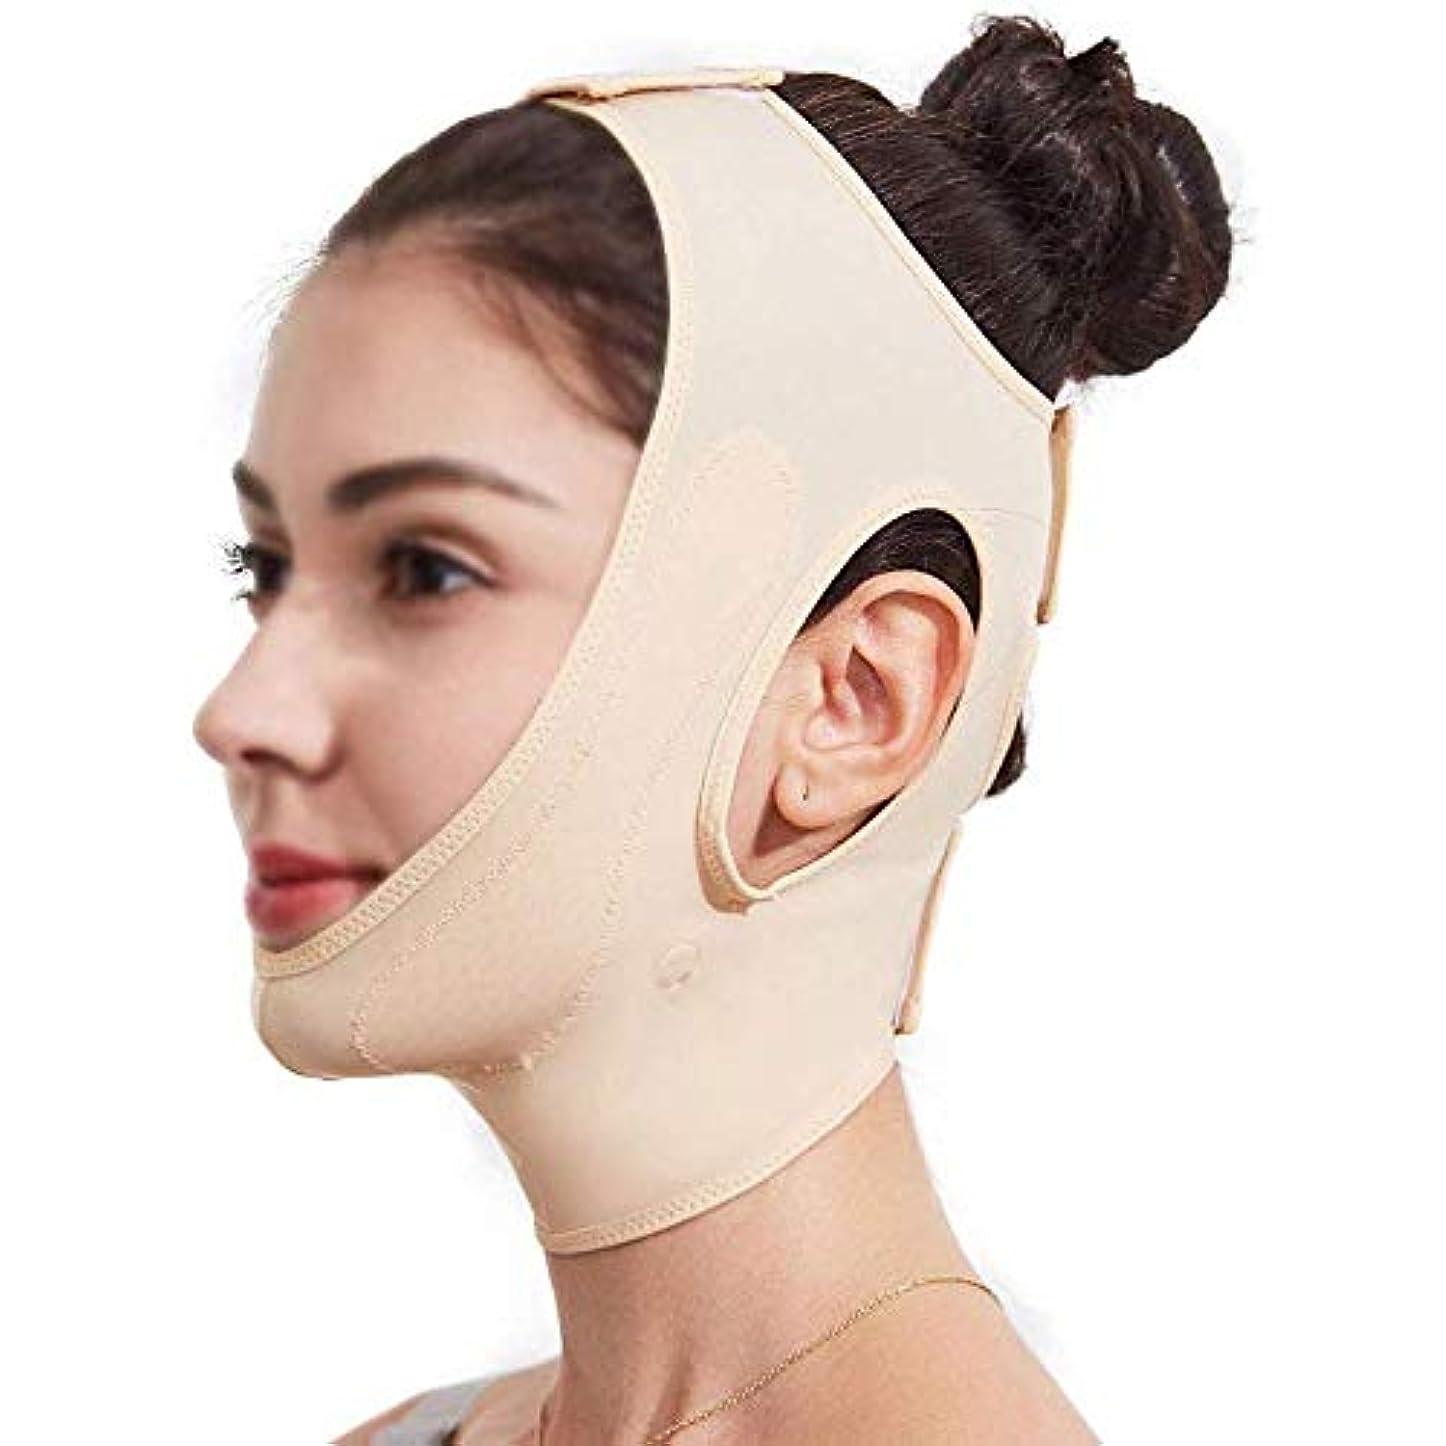 ジャンプする入場アソシエイトHEMFV 顔のリフトスリミングベルトは、スリムリフトコンパクト顔の皮膚のためのスキン包帯二重あごスリミングベルトを締め (Color : Skin color)